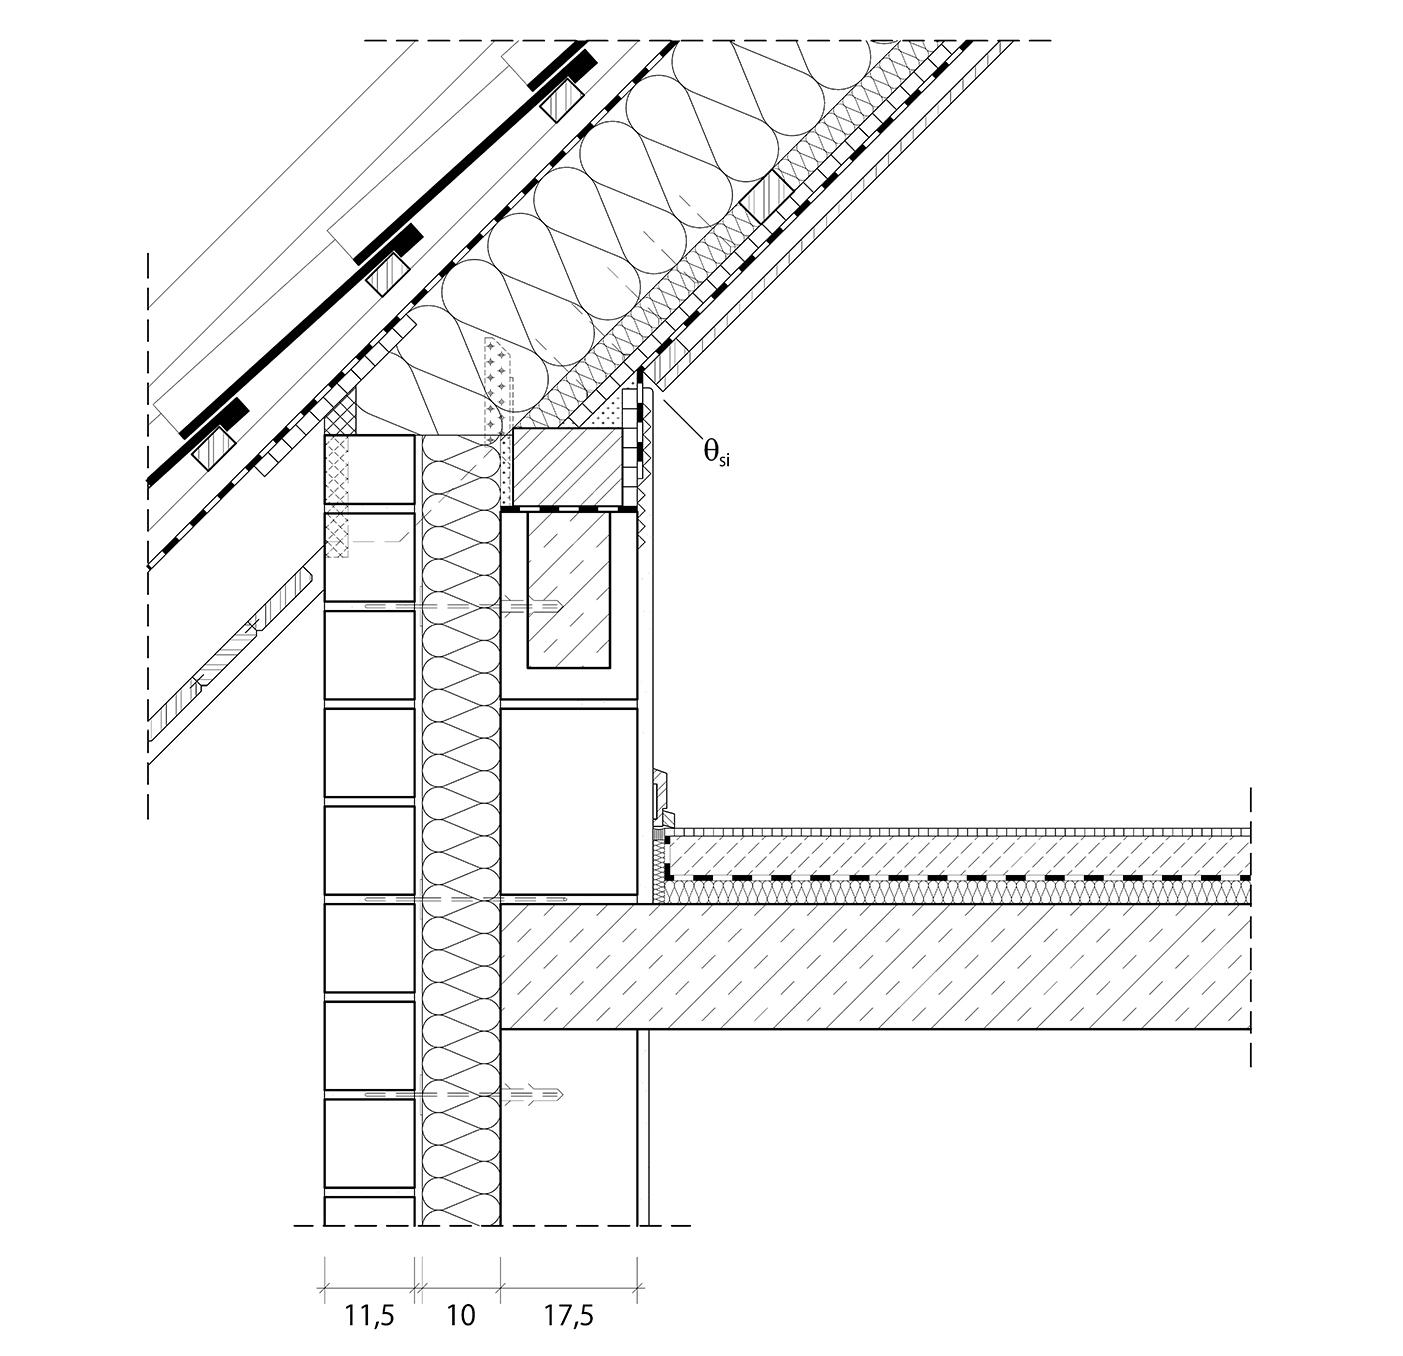 4 5 1 2 anschlusspunkt dach architektenordner - Dicke innenwand ...